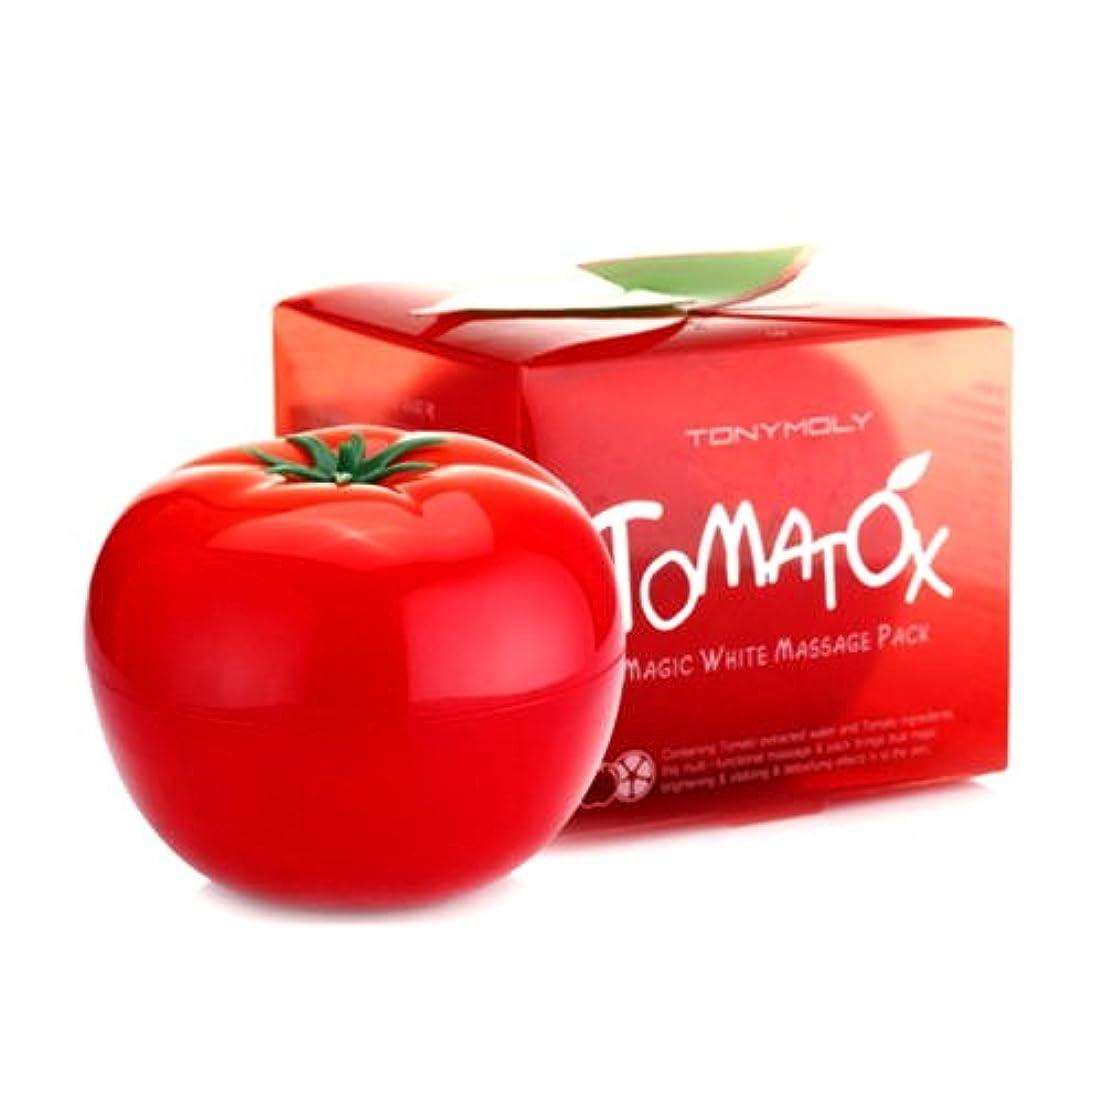 語やめる夜明け(6 Pack) TONYMOLY Tomatox Magic Massage Pack (並行輸入品)